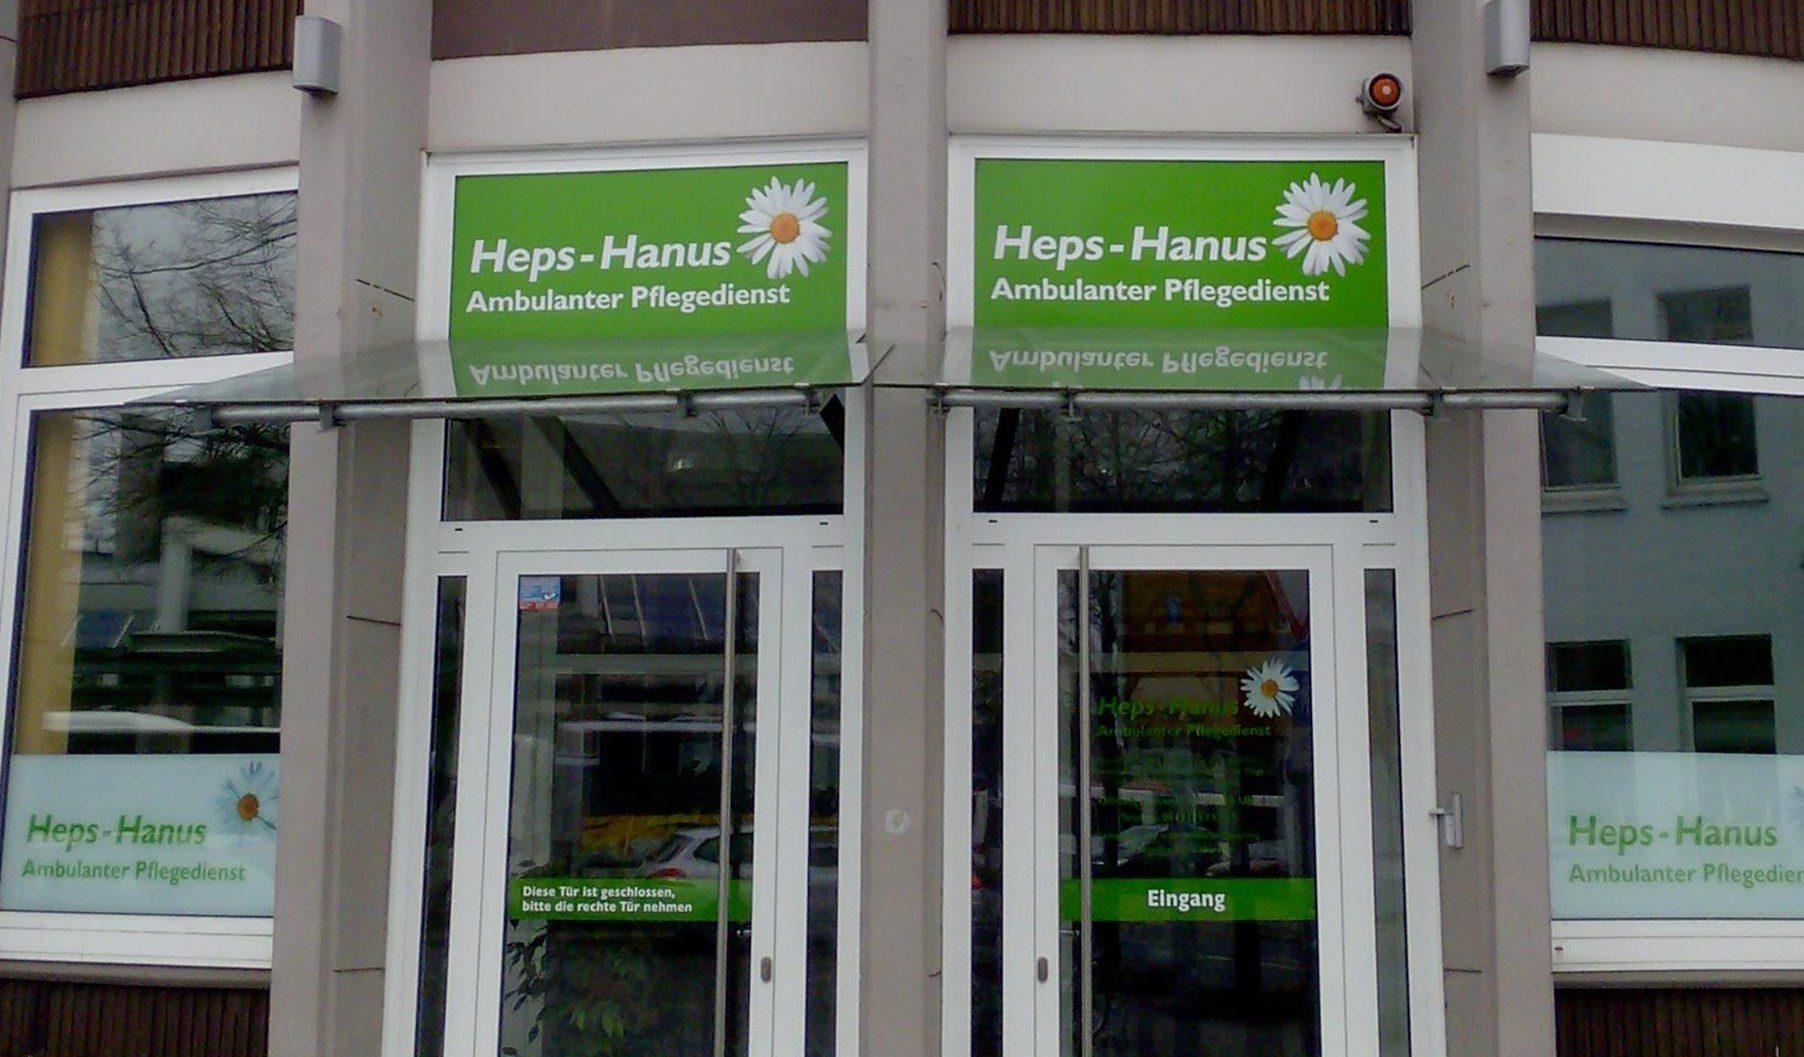 Heps-Hanus